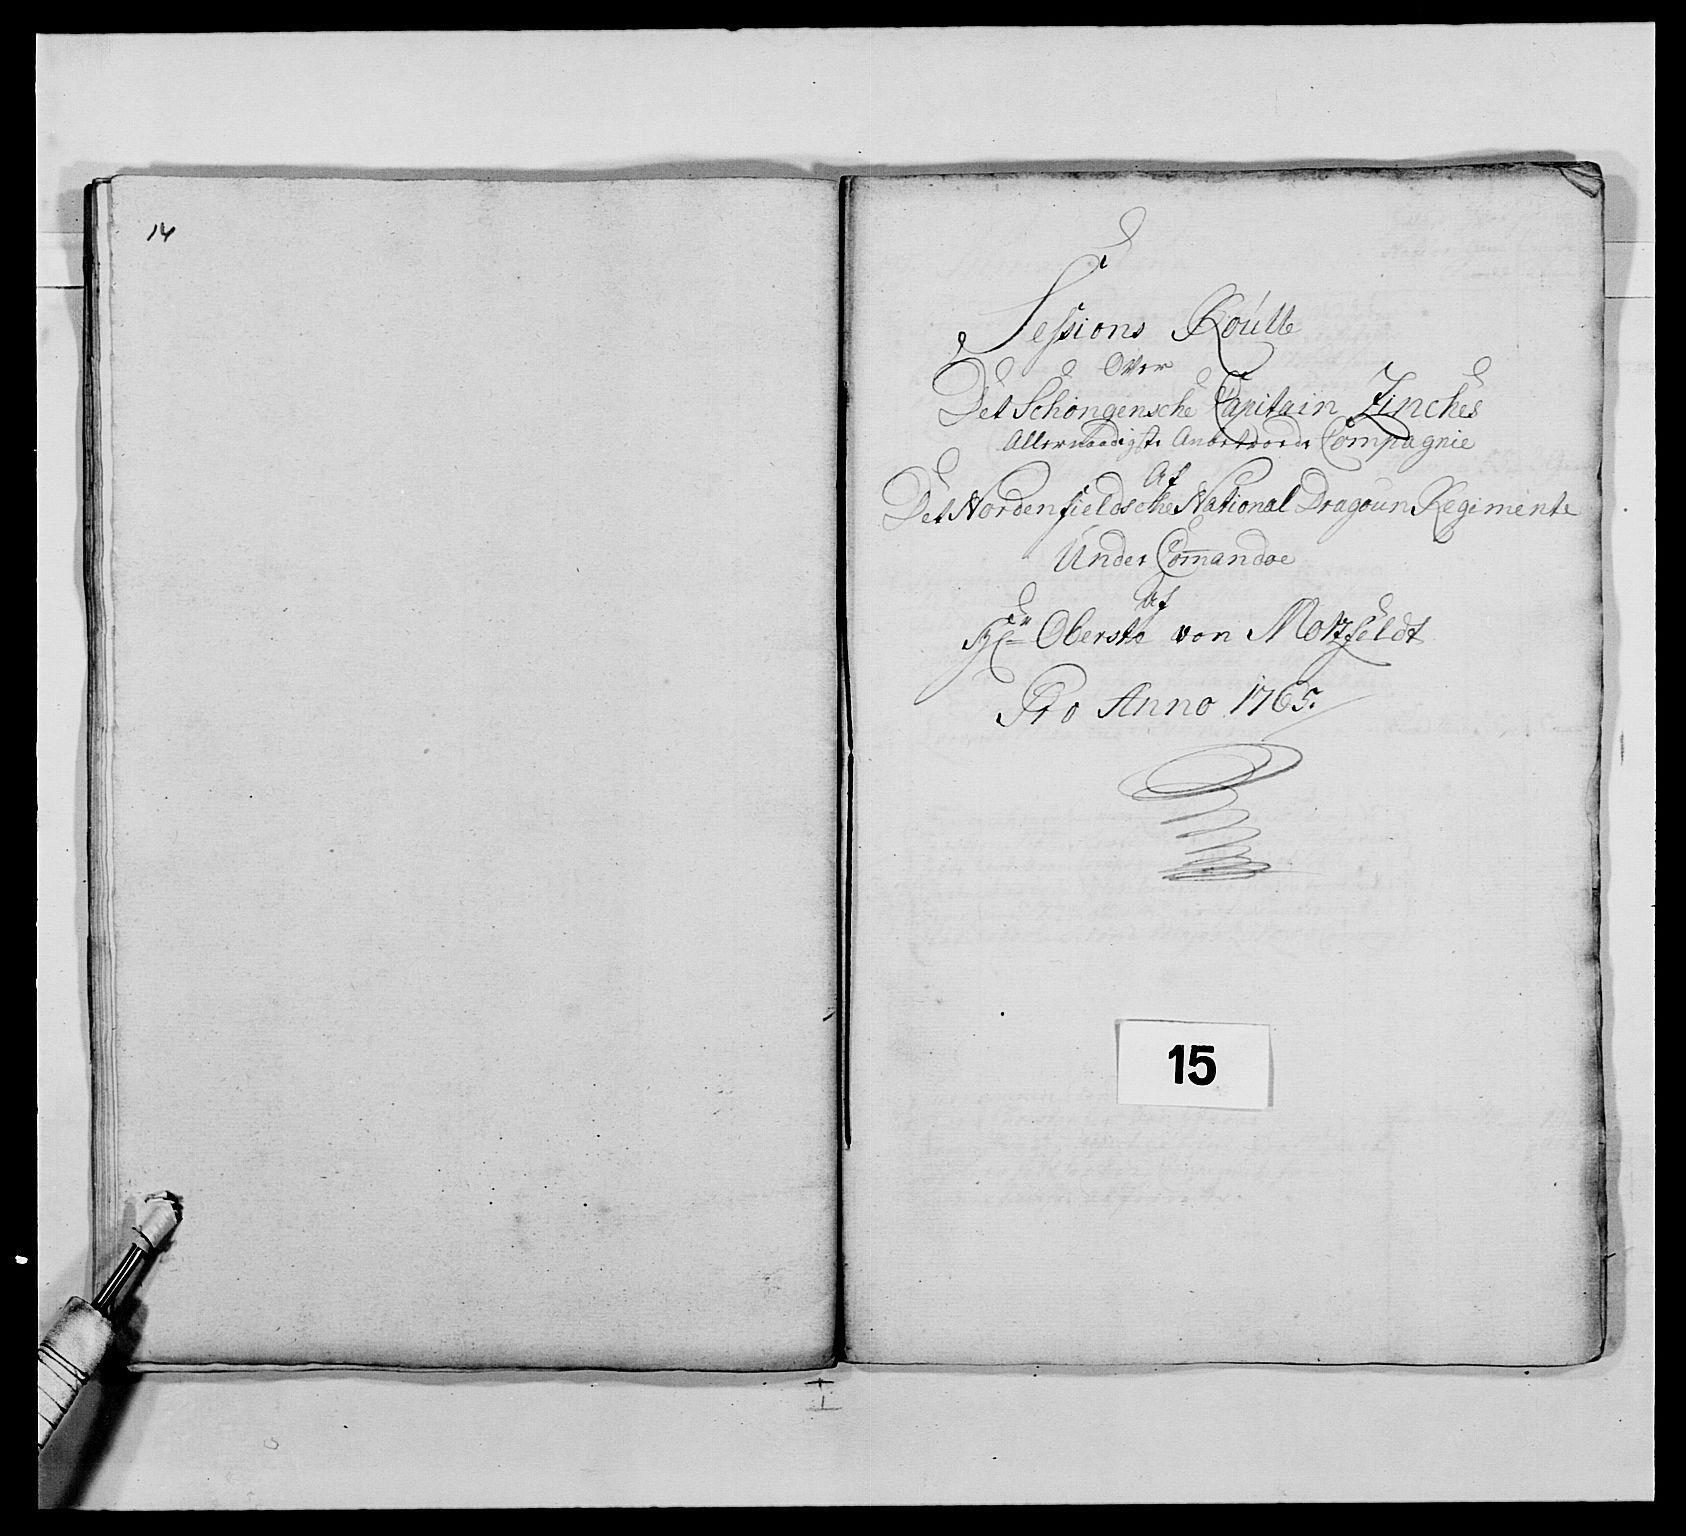 RA, Kommanderende general (KG I) med Det norske krigsdirektorium, E/Ea/L0483: Nordafjelske dragonregiment, 1765-1767, s. 342